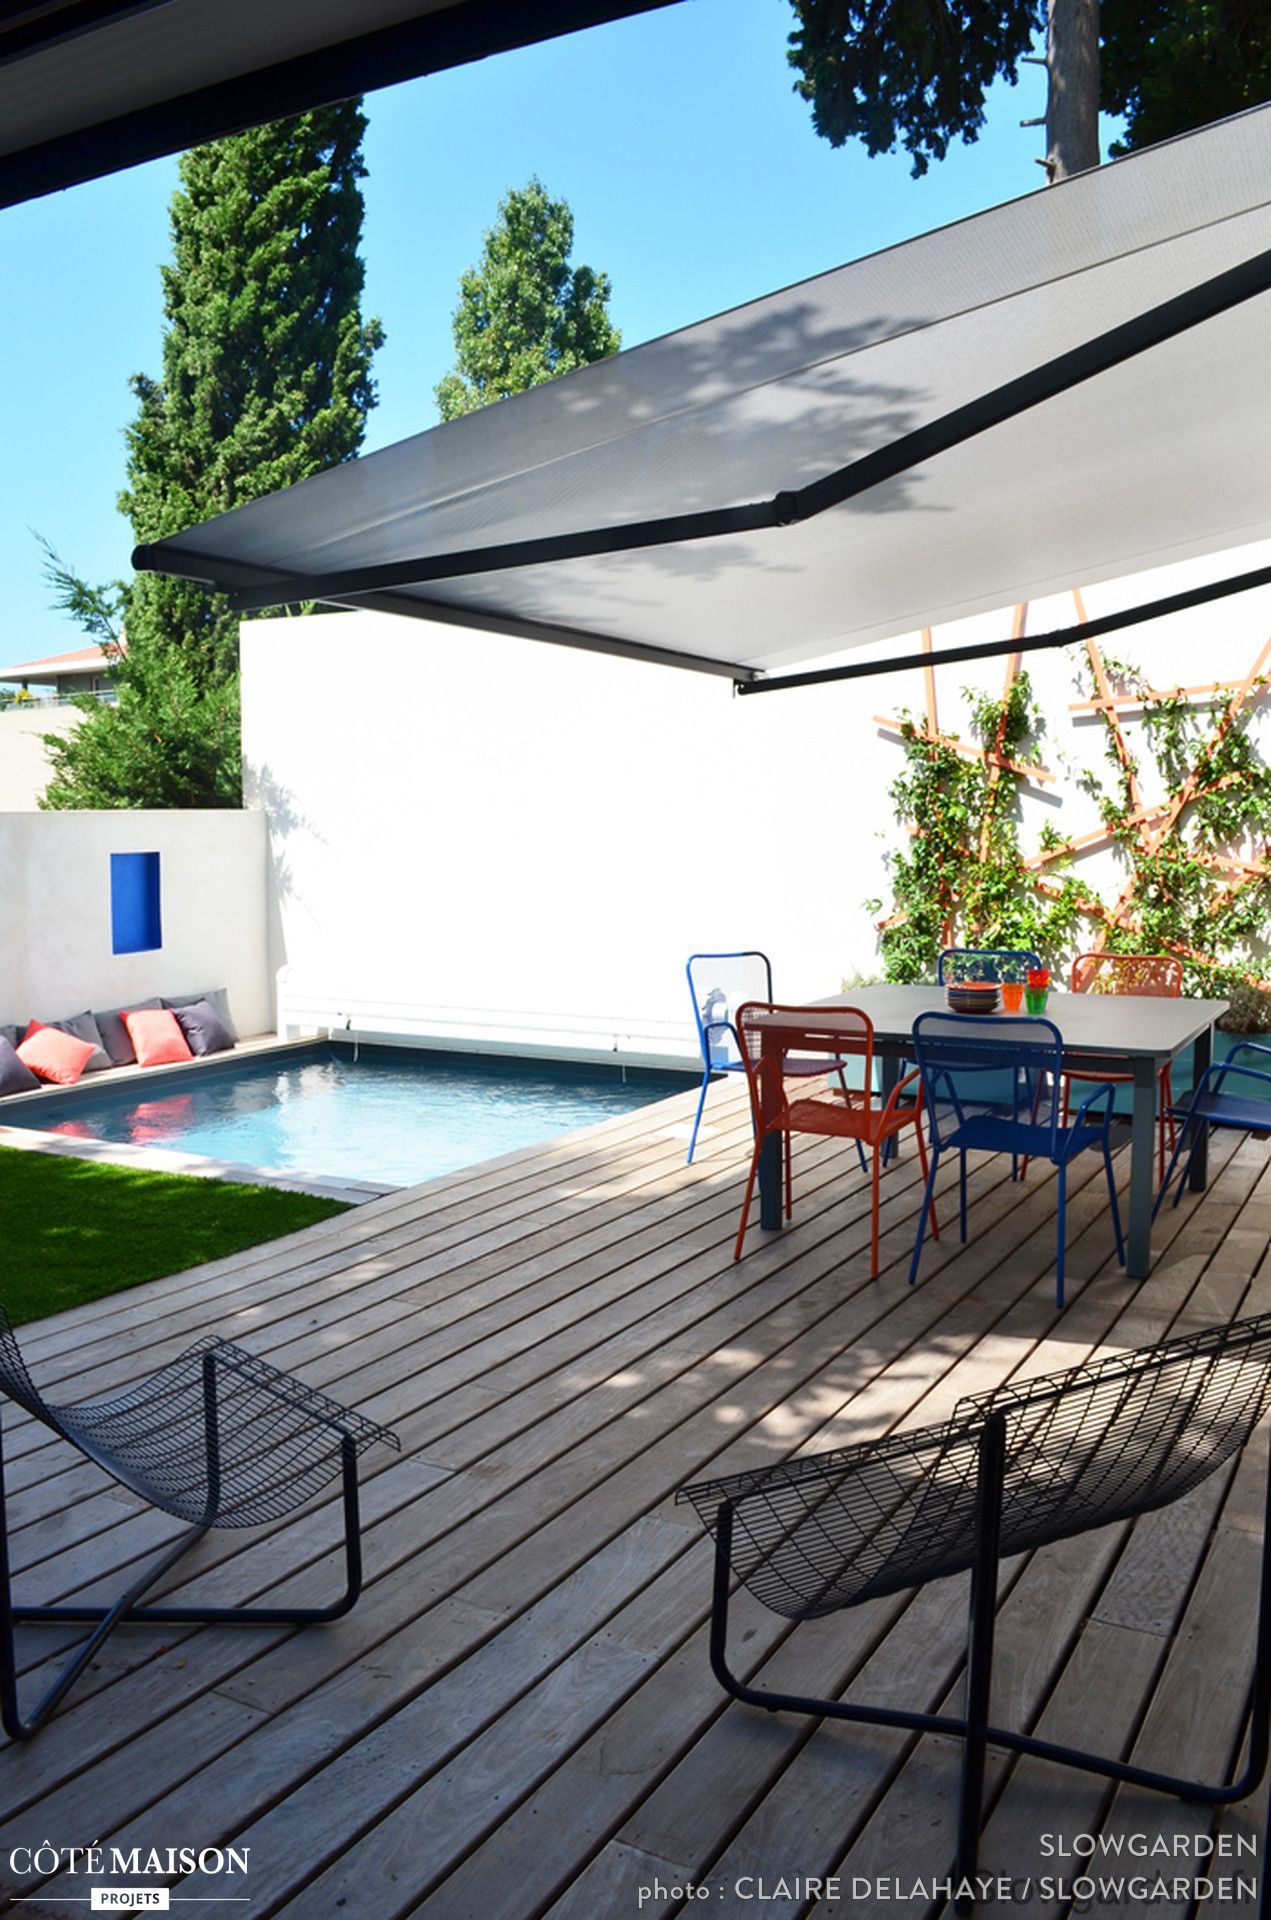 piscine en arri re plan entour e de gazon terrasse en. Black Bedroom Furniture Sets. Home Design Ideas